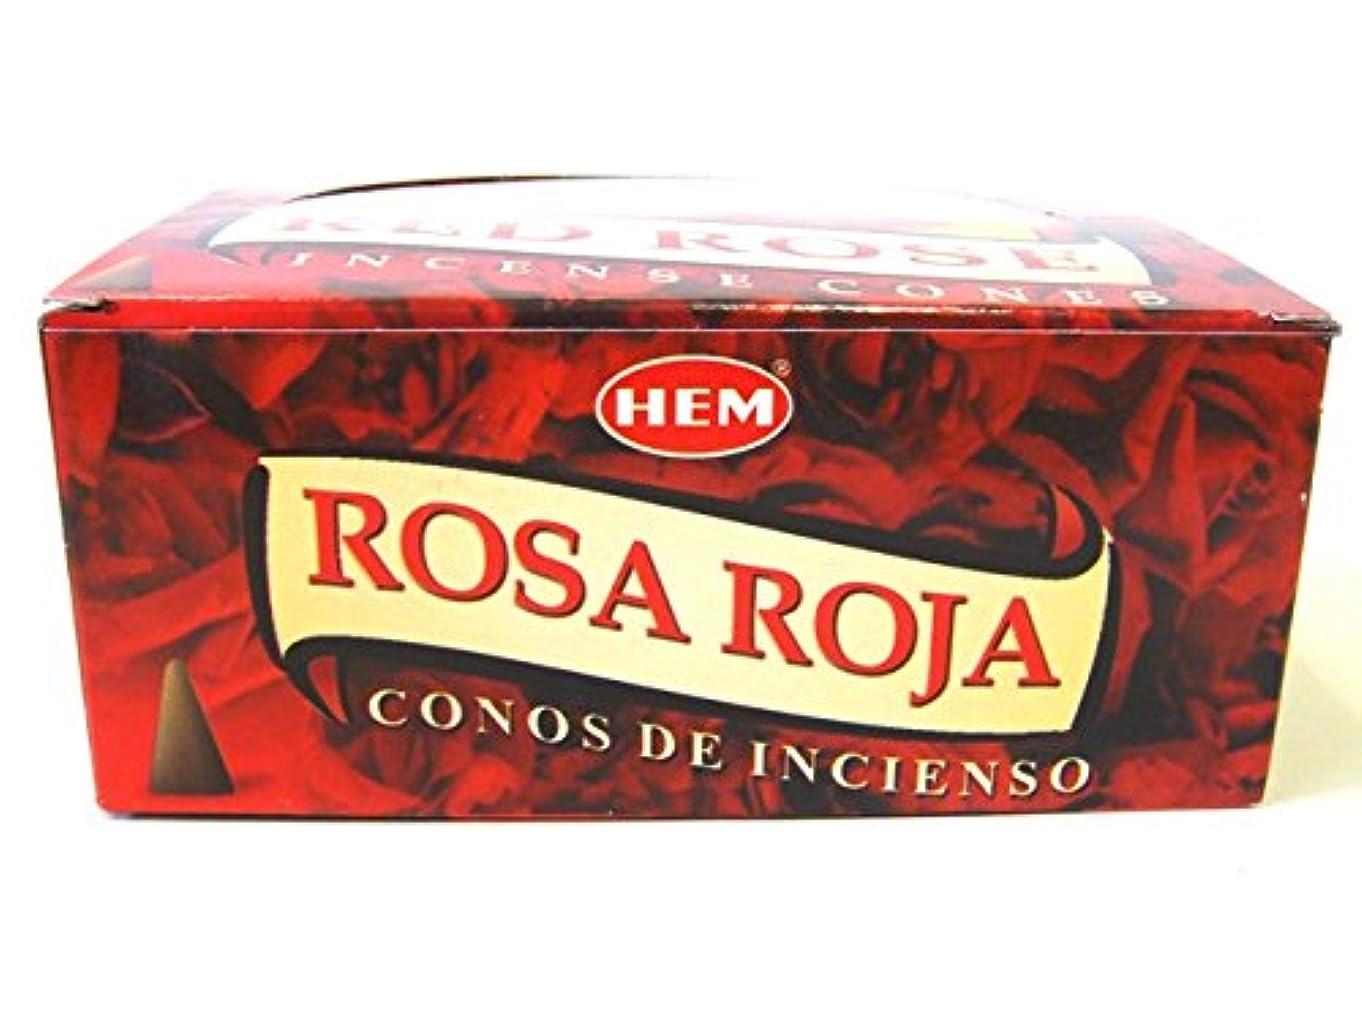 クラシック目覚める典型的なHEM お香 レッドローズ(RED ROSE) コーンタイプ 1ケース(12箱入り) お香薔薇